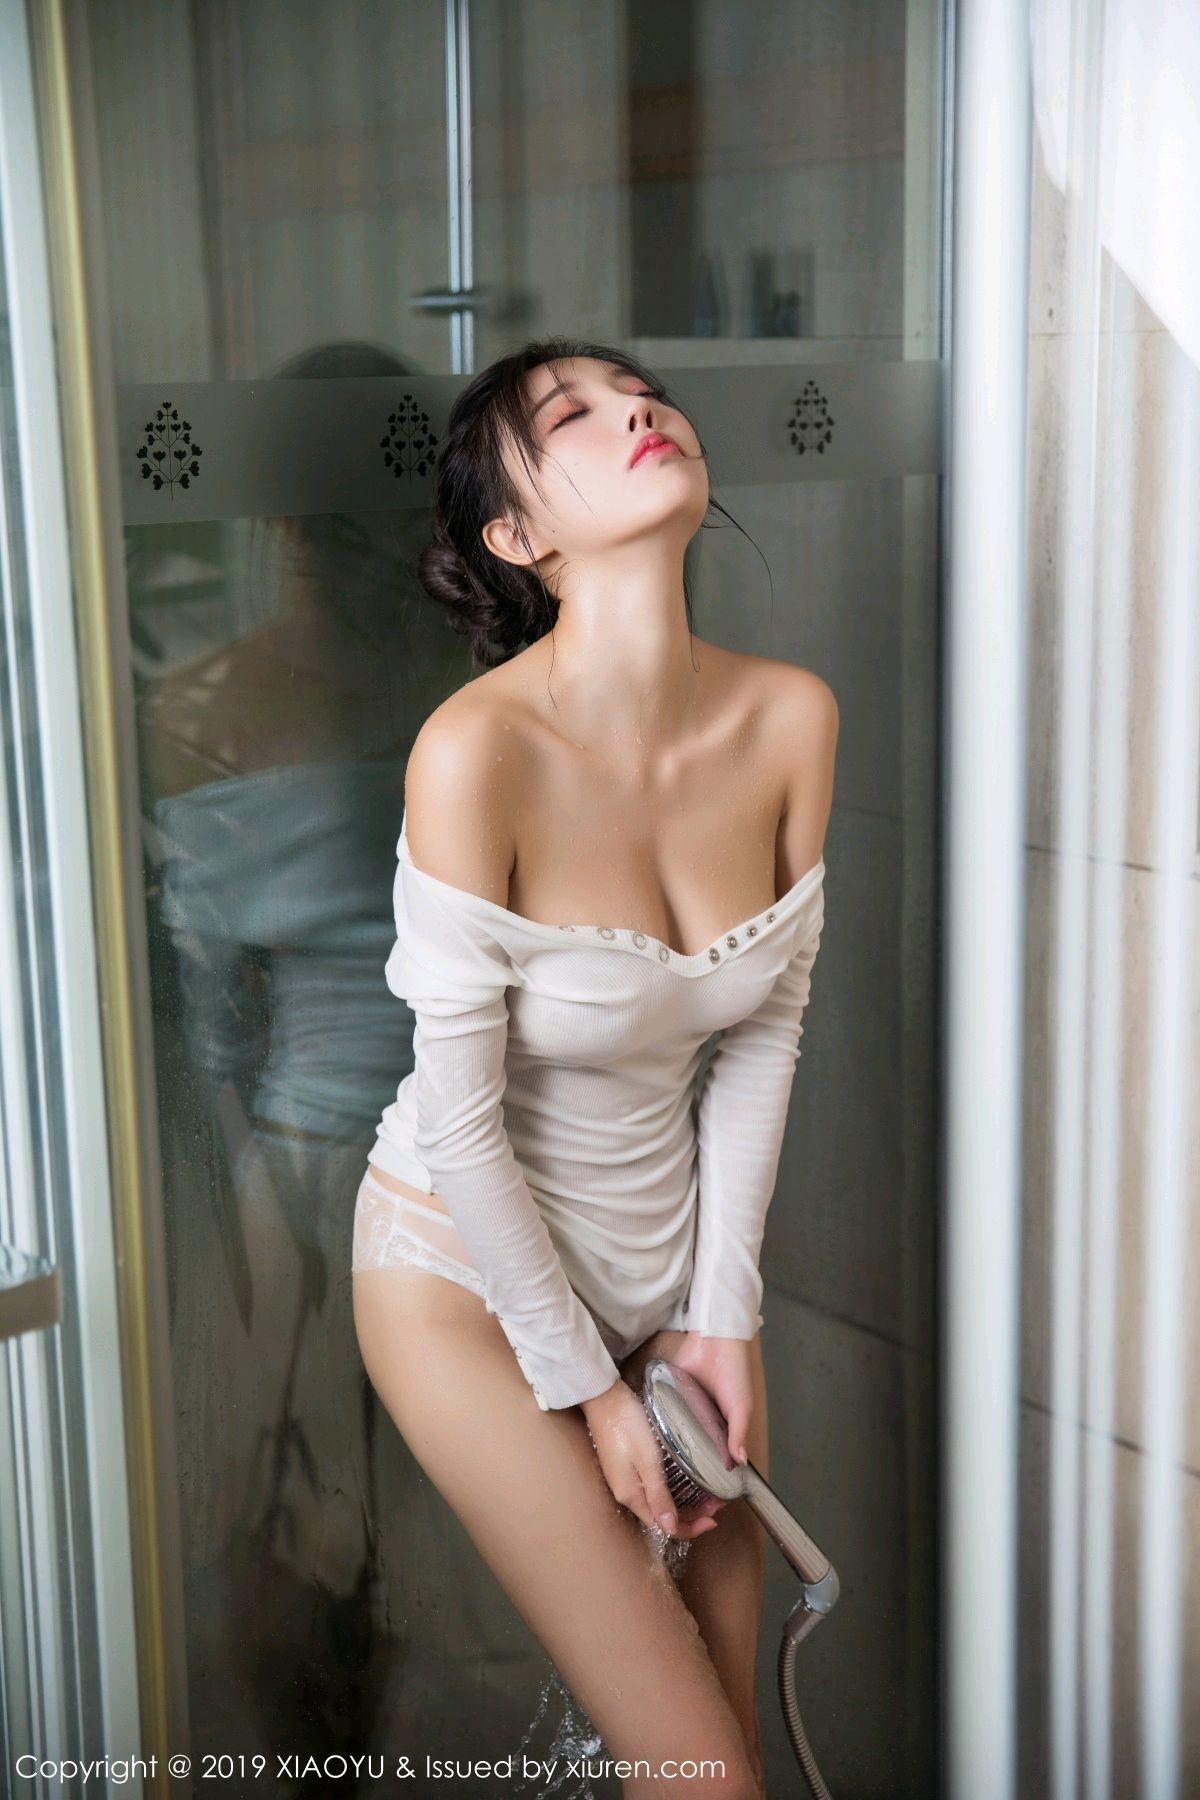 [XiaoYu] Vol.025 Yang Chen Chen 47P, Bathroom, Wet, XiaoYu, Yang Chen Chen